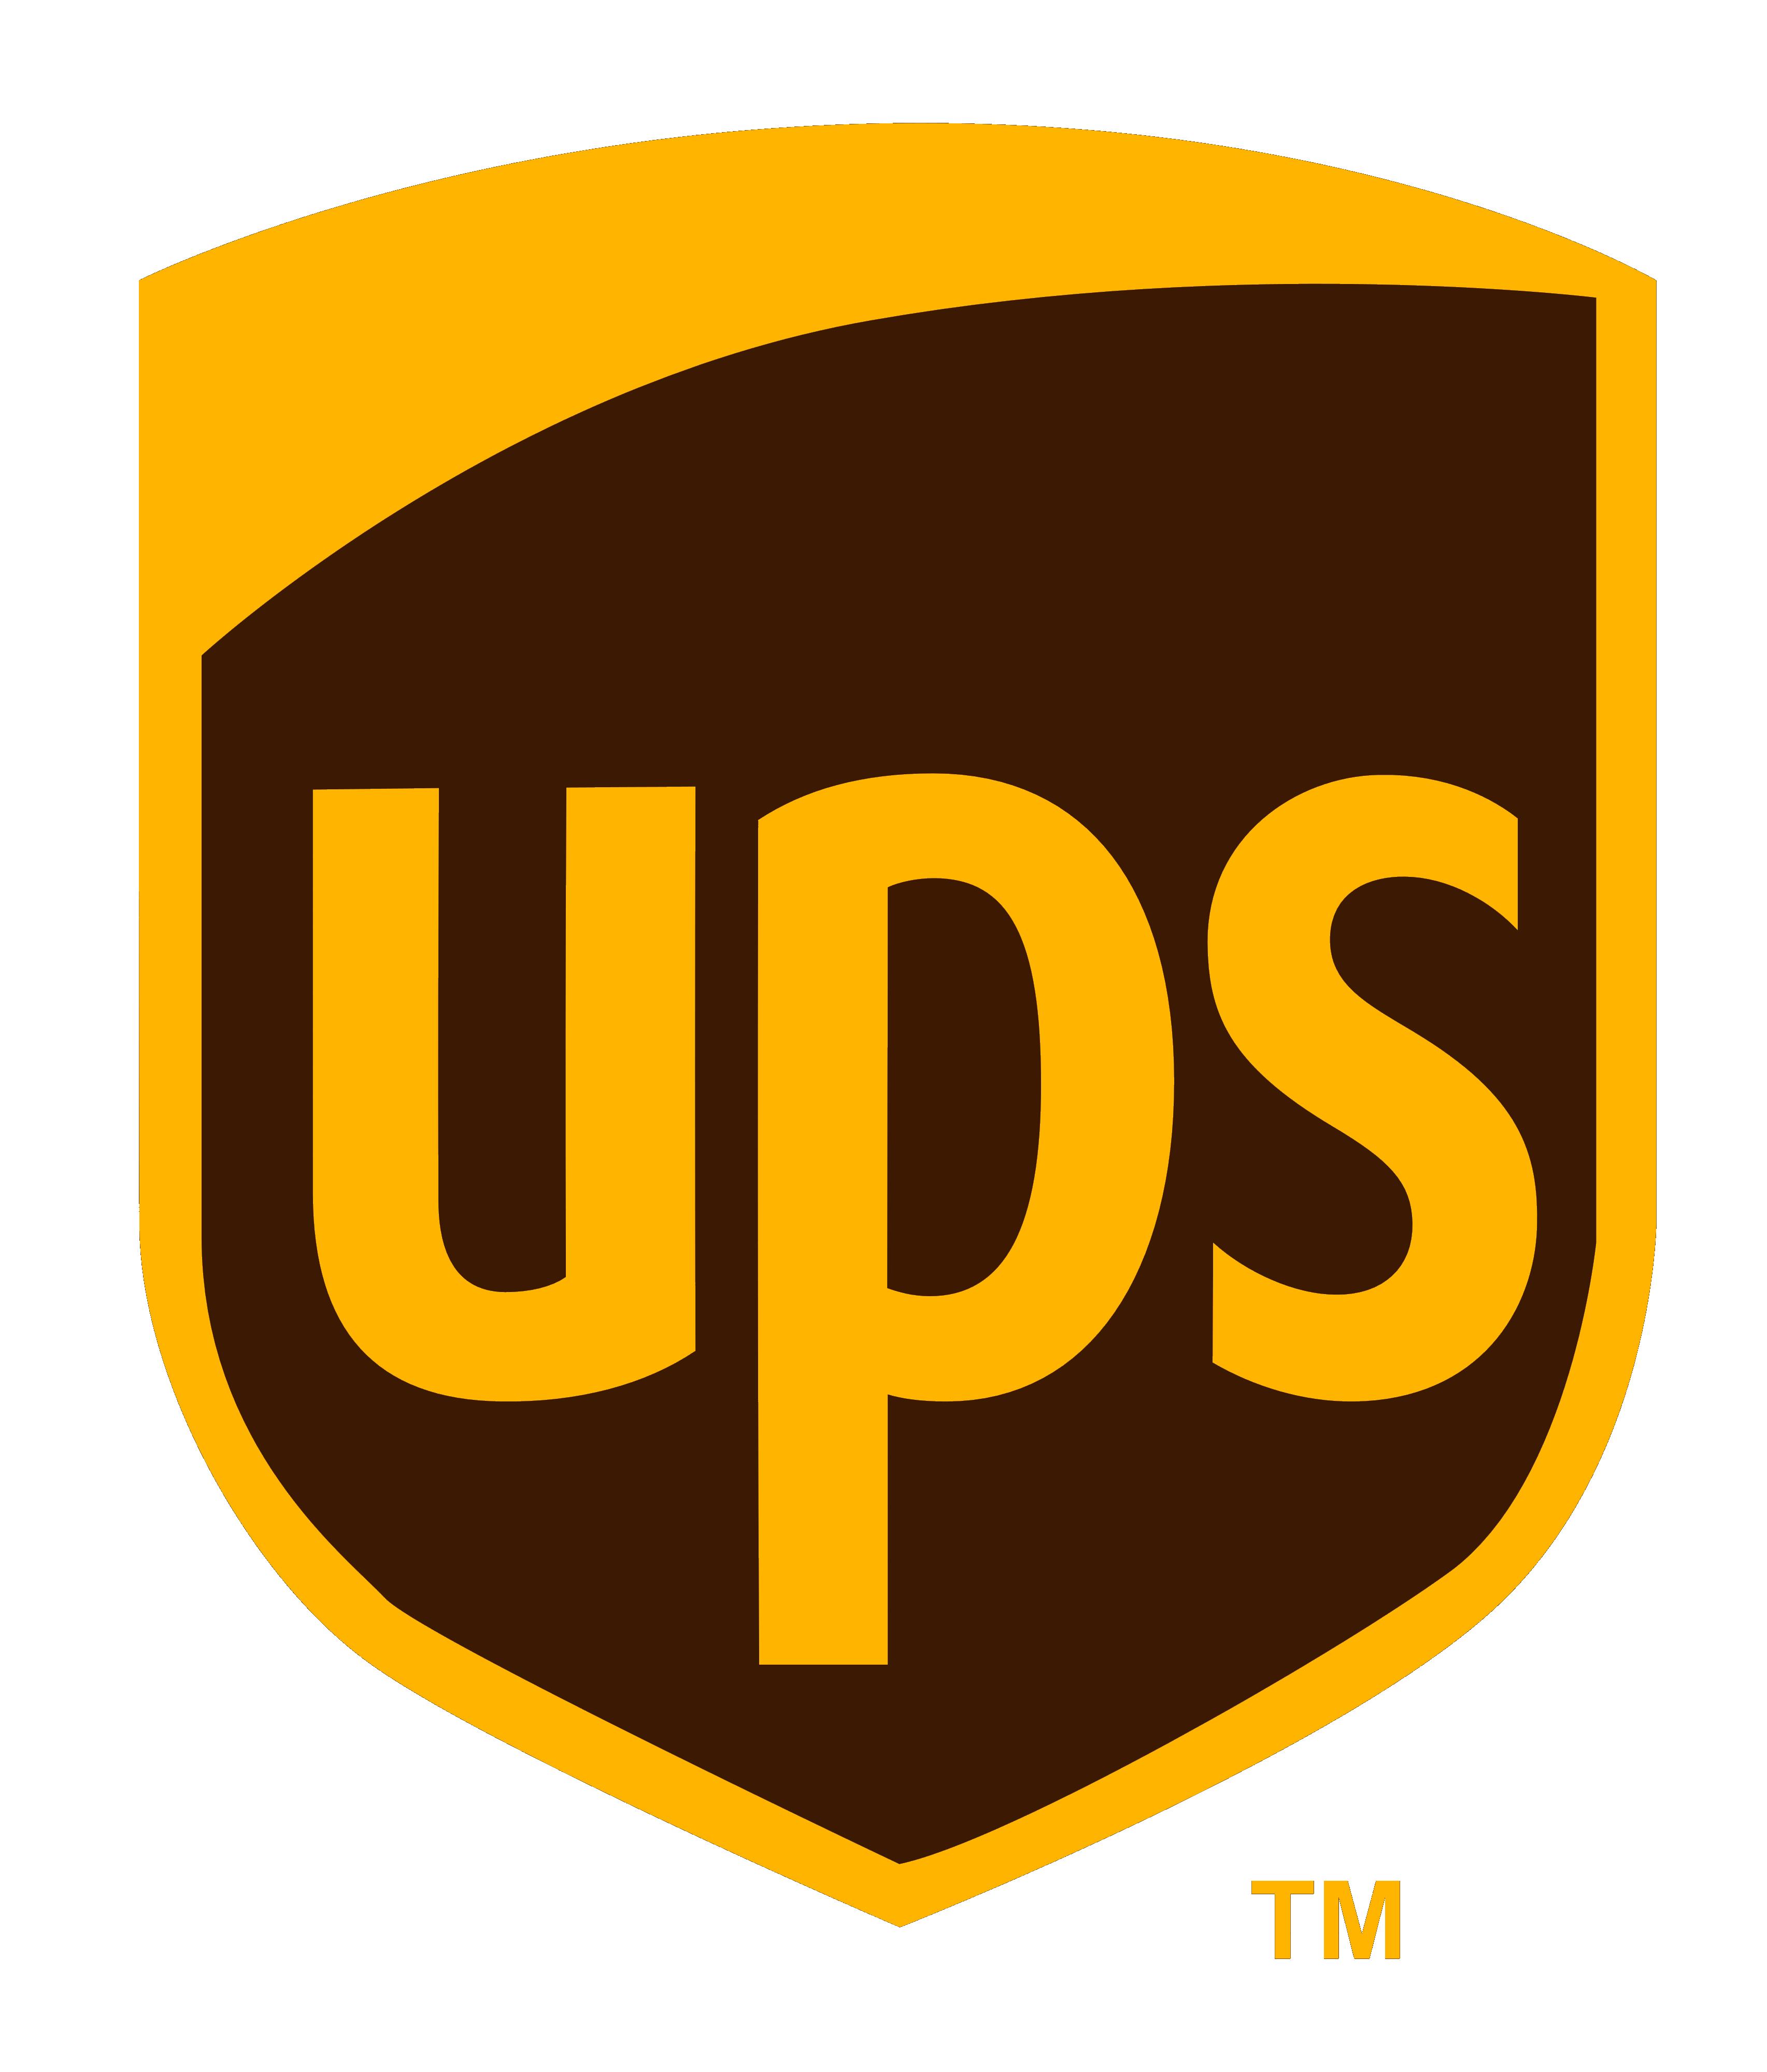 logo ups, kurier ups, przewoźnik ups, przesyłki ups, paczki ups